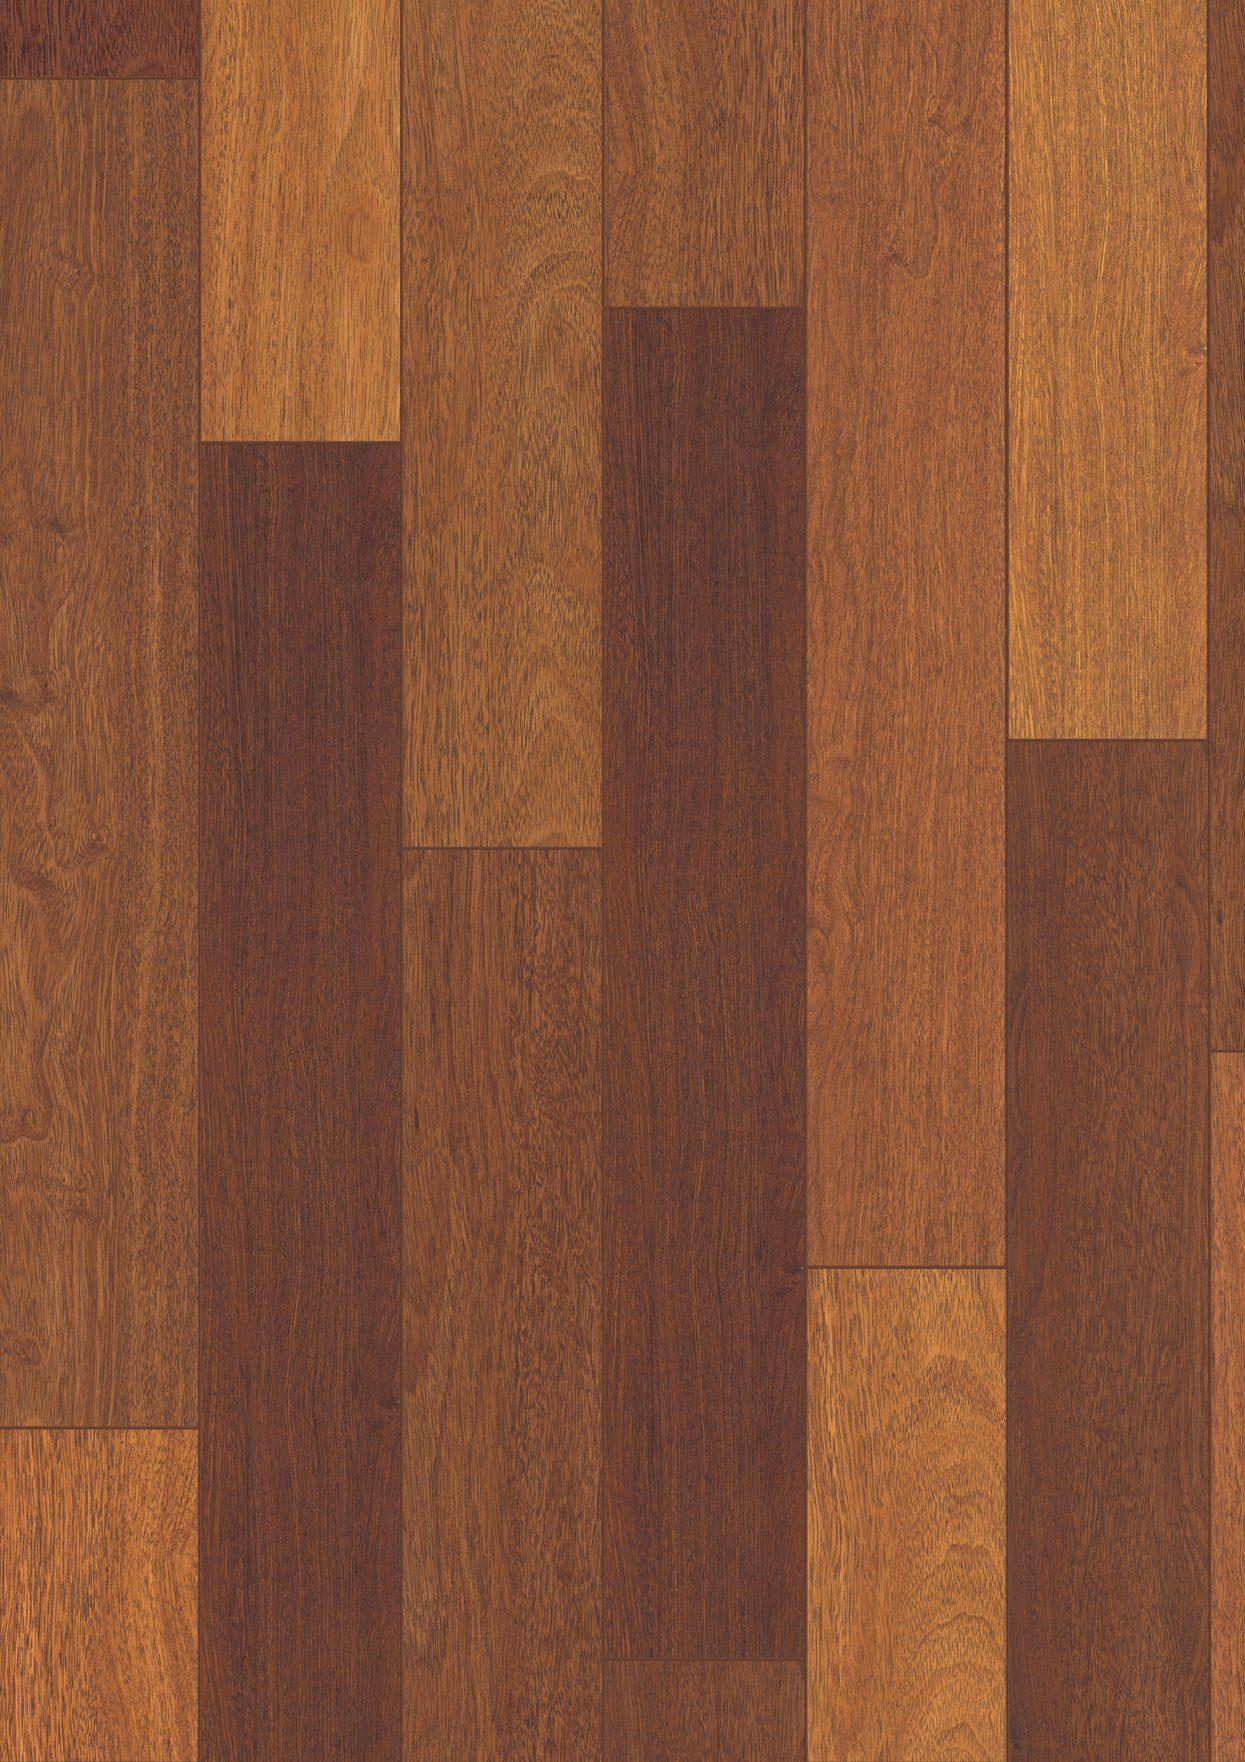 PARADOR Laminat »Classic 1050 - Merbau Holzstruktur«, 1285 x 194 mm, Stärke: 8 mm